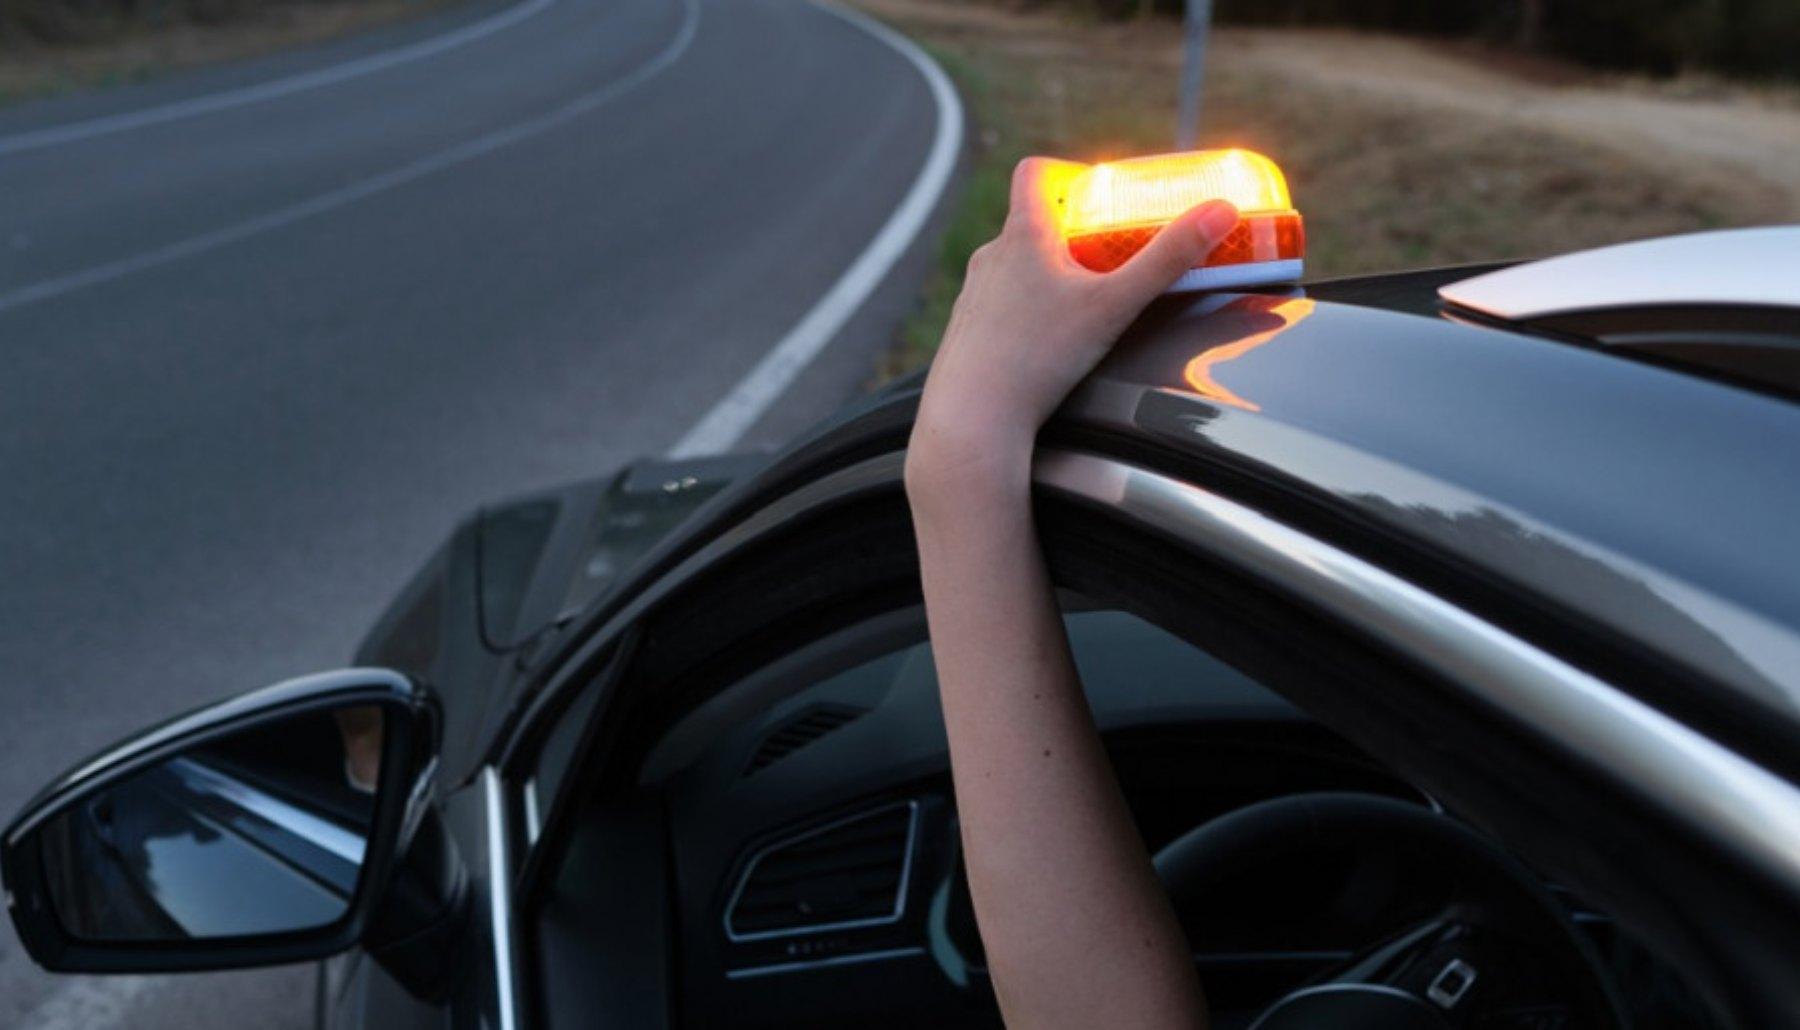 Luz v16 para el coche. (Foto: DGT)